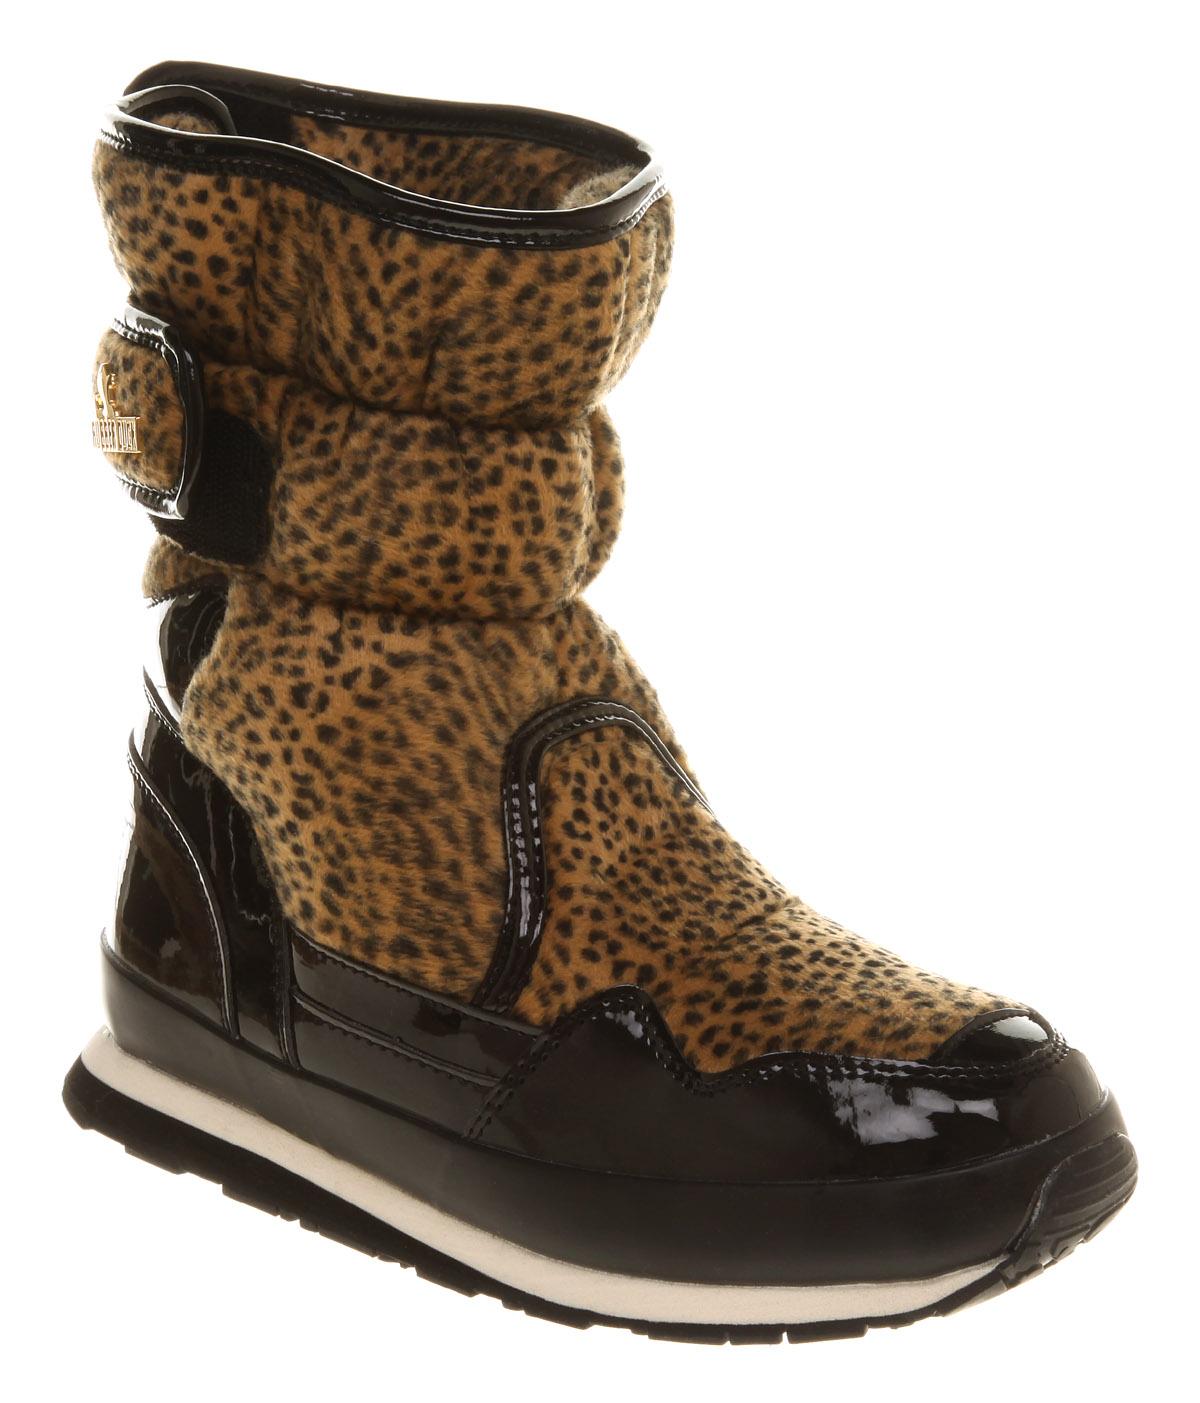 Elegant Clothes Shoes Amp Accessories Gt Women39s Shoes Gt Boots